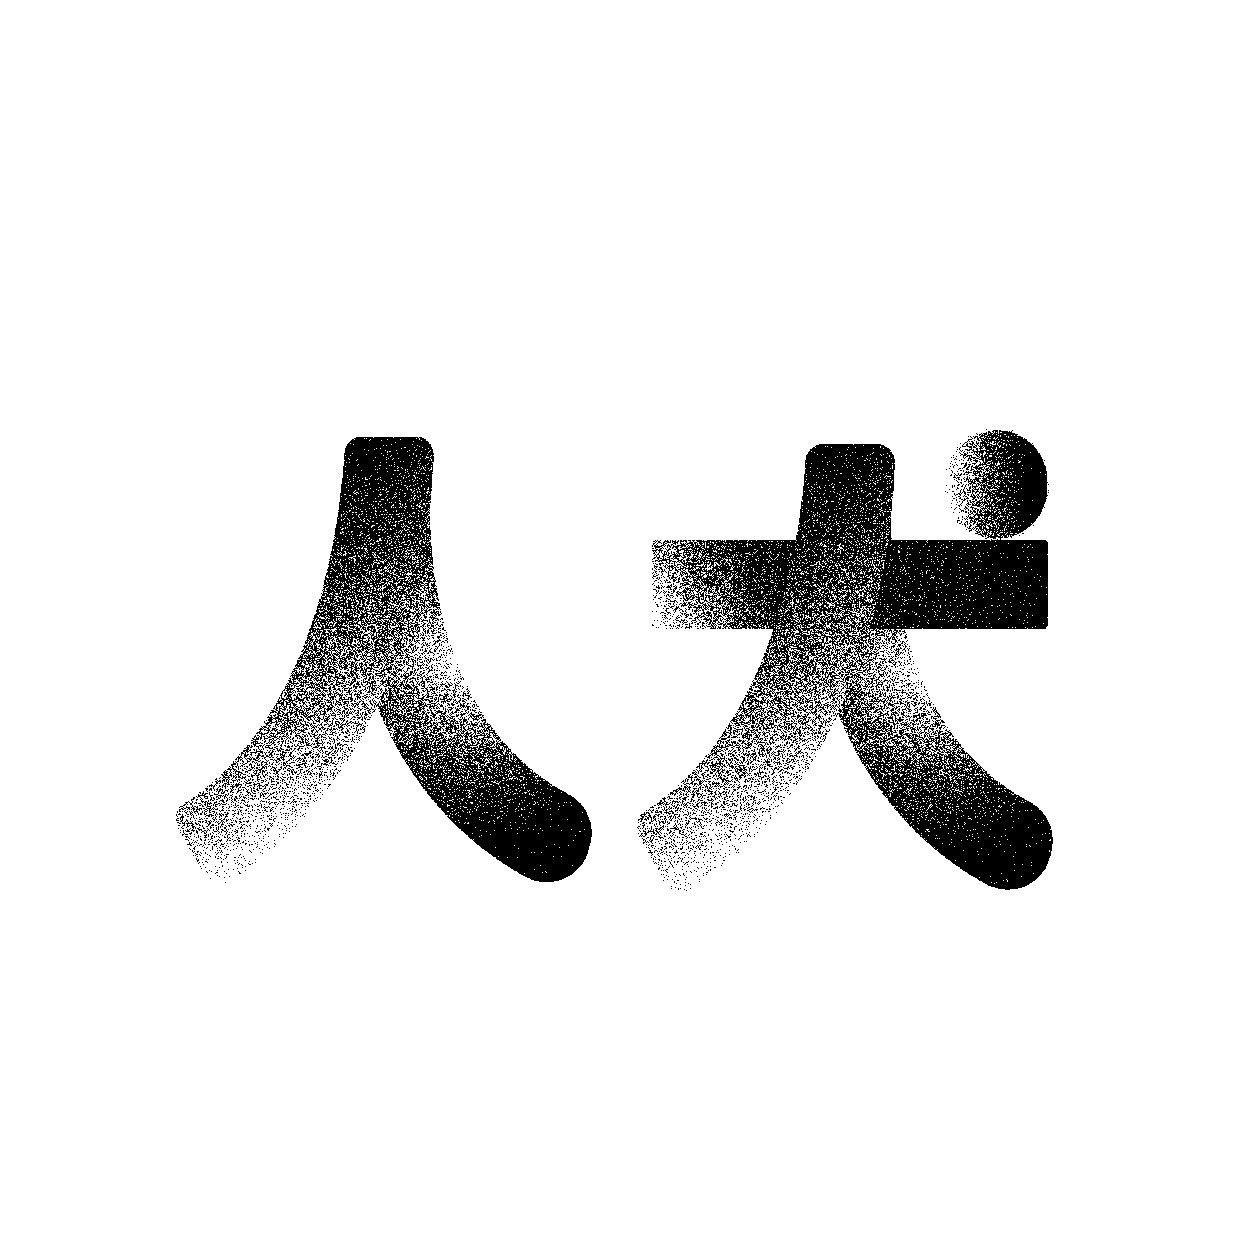 miyagi takumi #chinesetypography